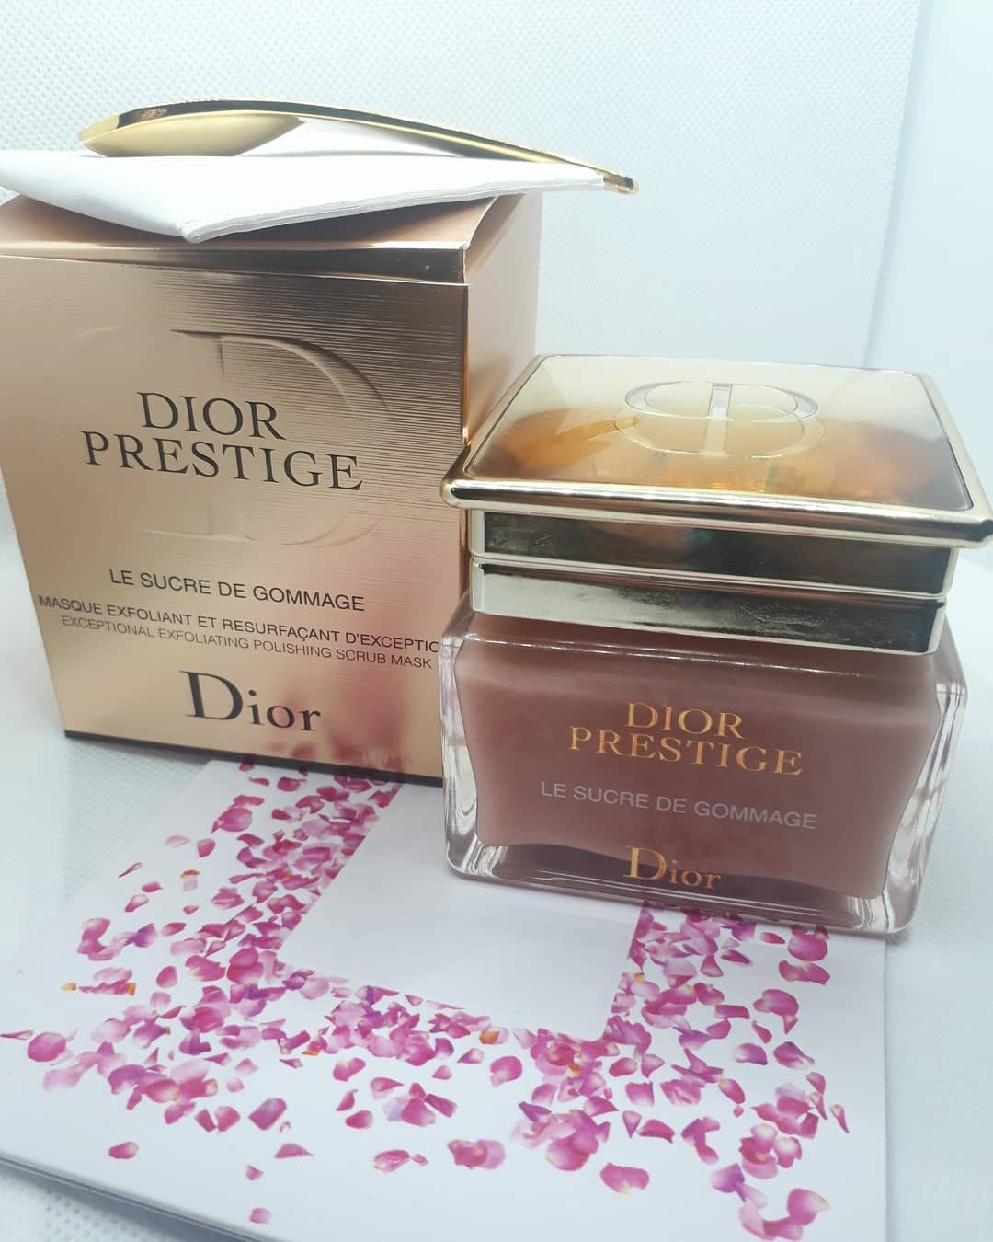 Dior(ディオール)プレステージ ル ゴマージュを使った Norikoさんの口コミ画像1